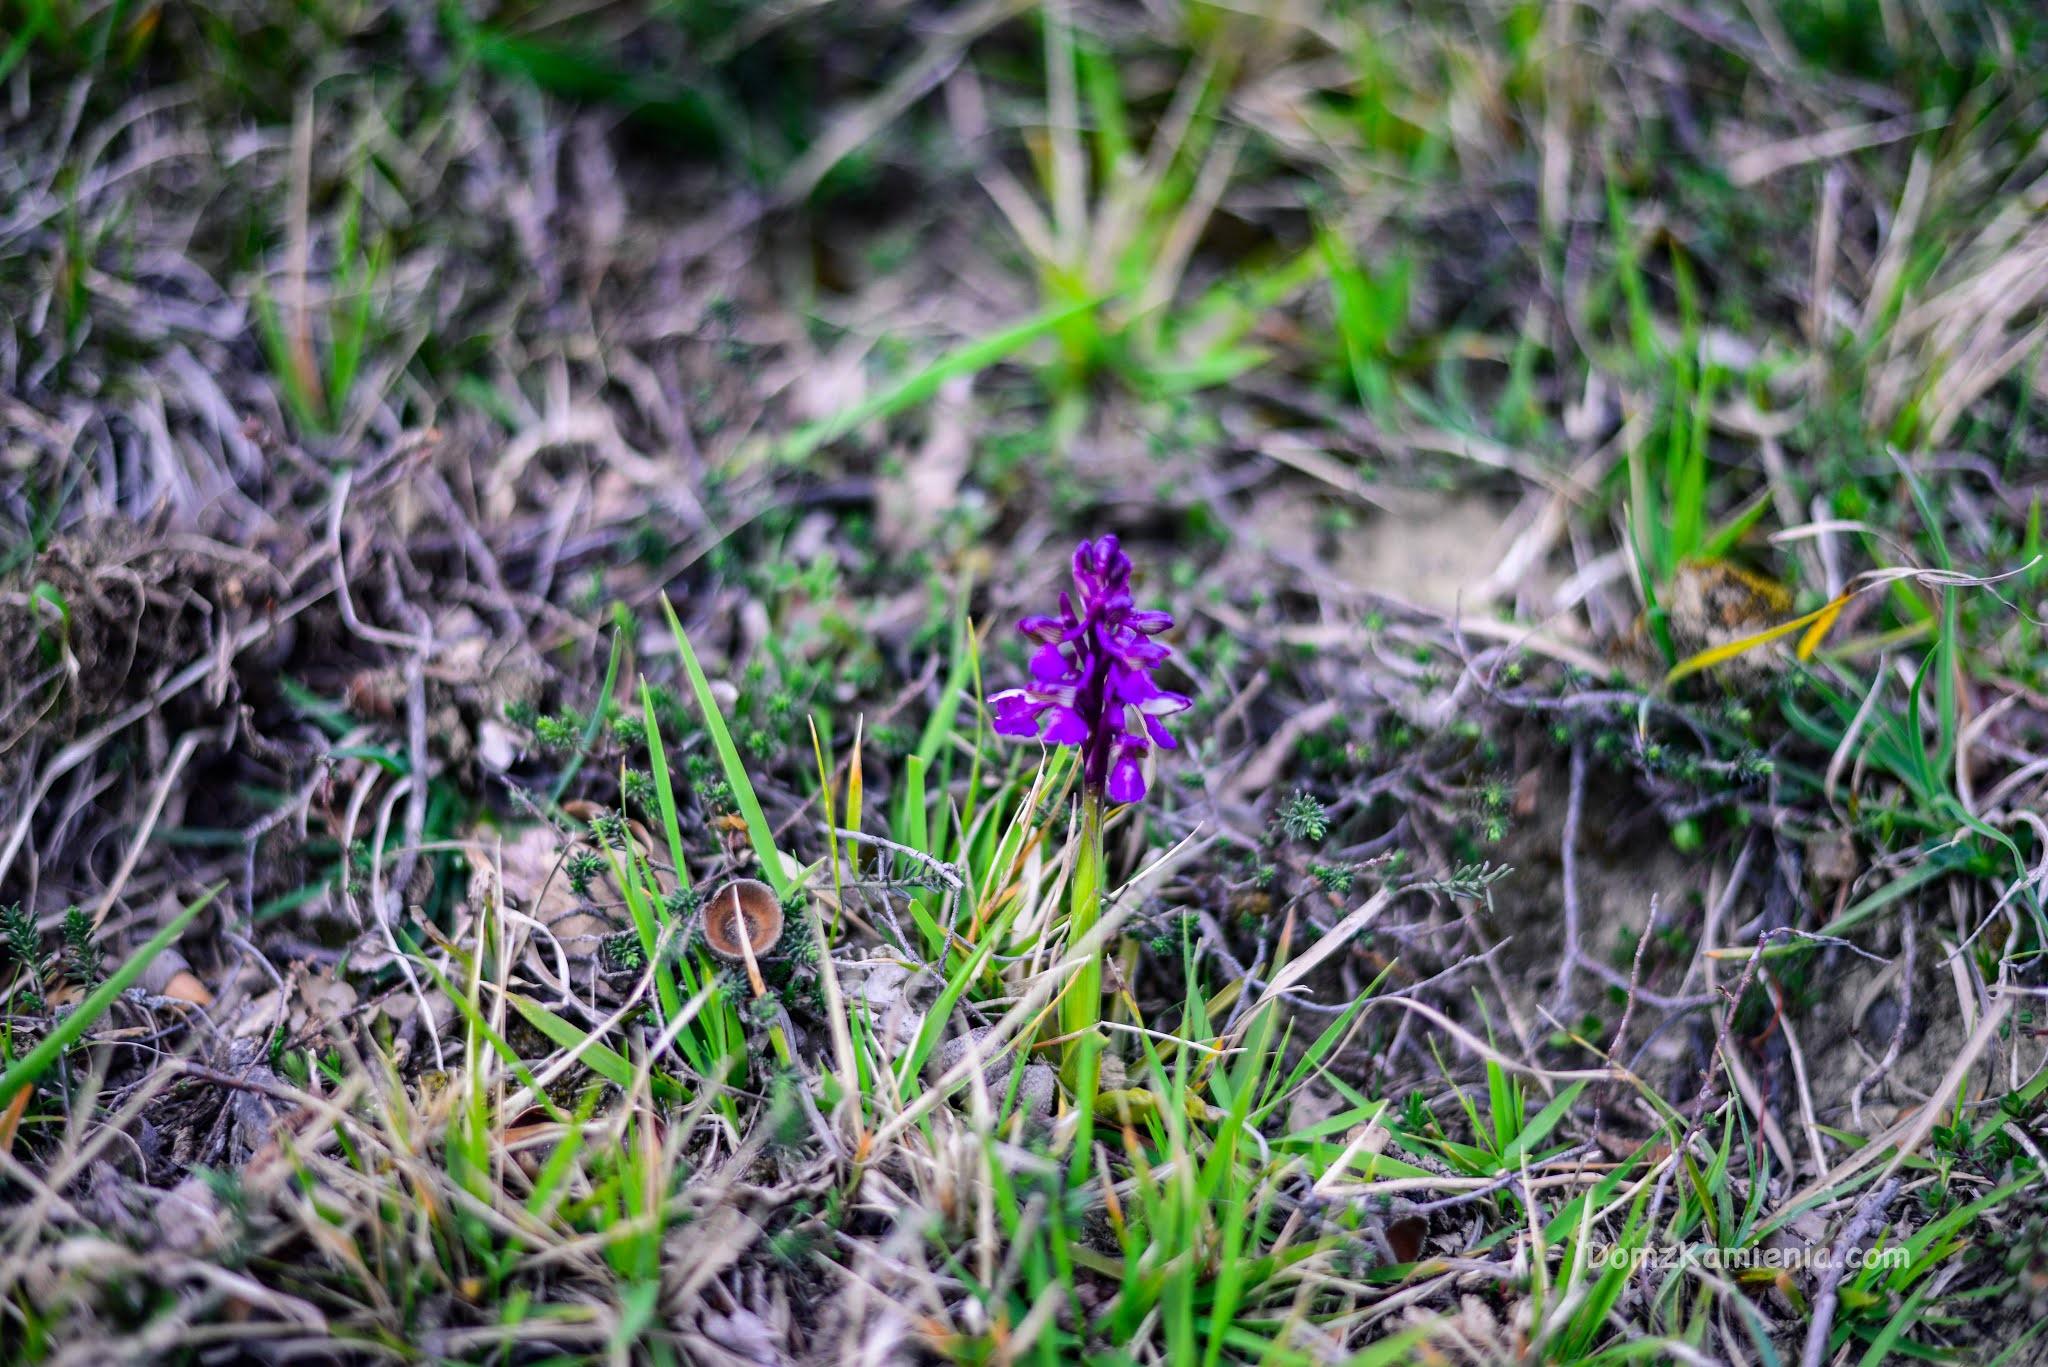 Dzika orchidea - Dom z Kamienia blog, Marradi